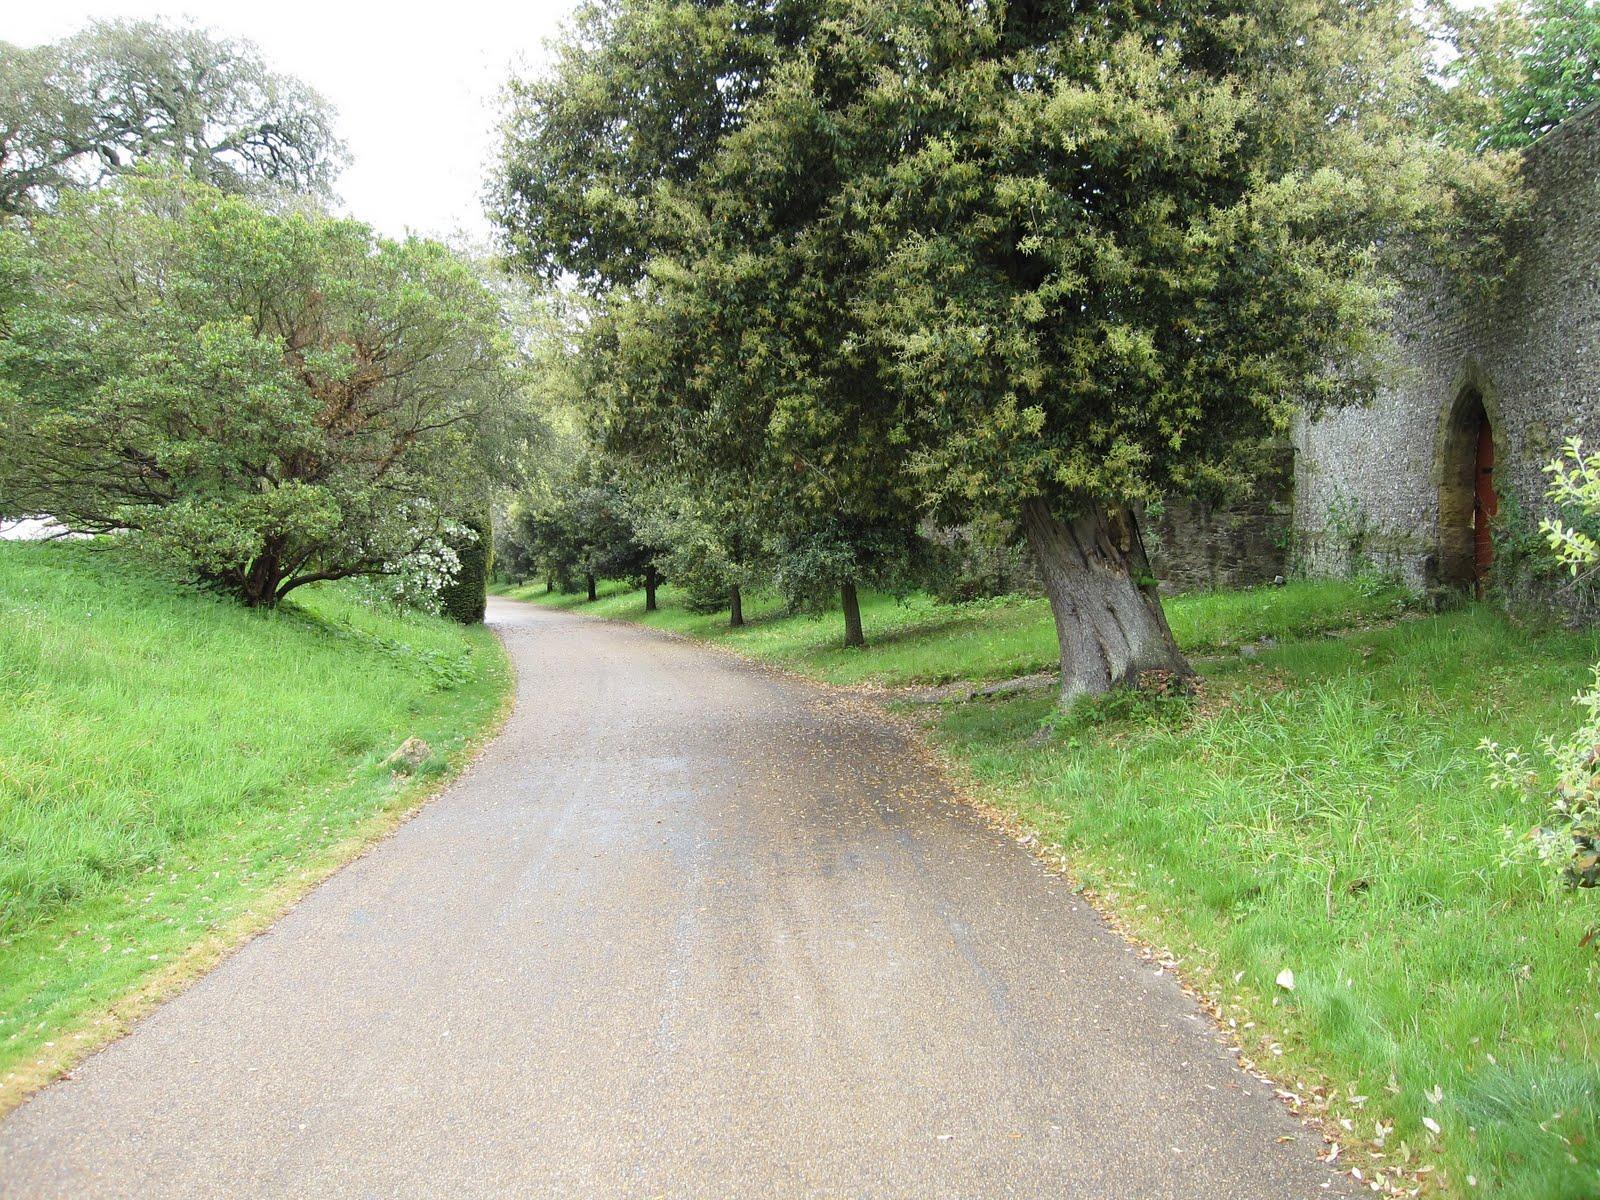 http://3.bp.blogspot.com/_d2Cazc6JnCQ/TAGCn62MR8I/AAAAAAAAA6w/rKVm7wSwm1w/s1600/castle-road.jpg